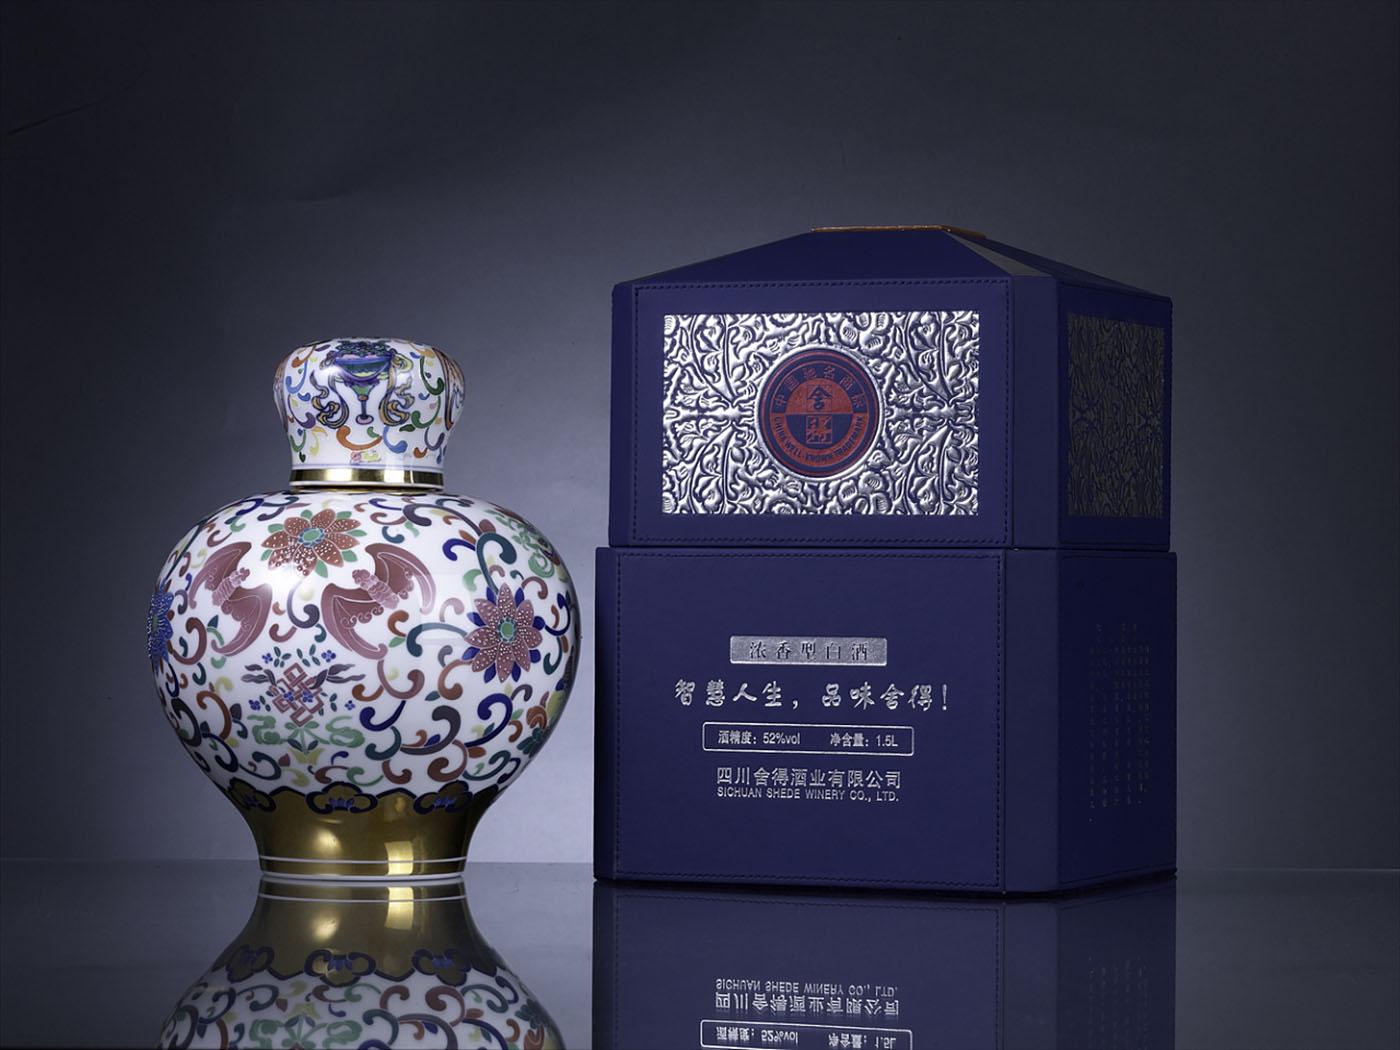 高端瓷器茅台酒包装设计-酒类包装设计公司